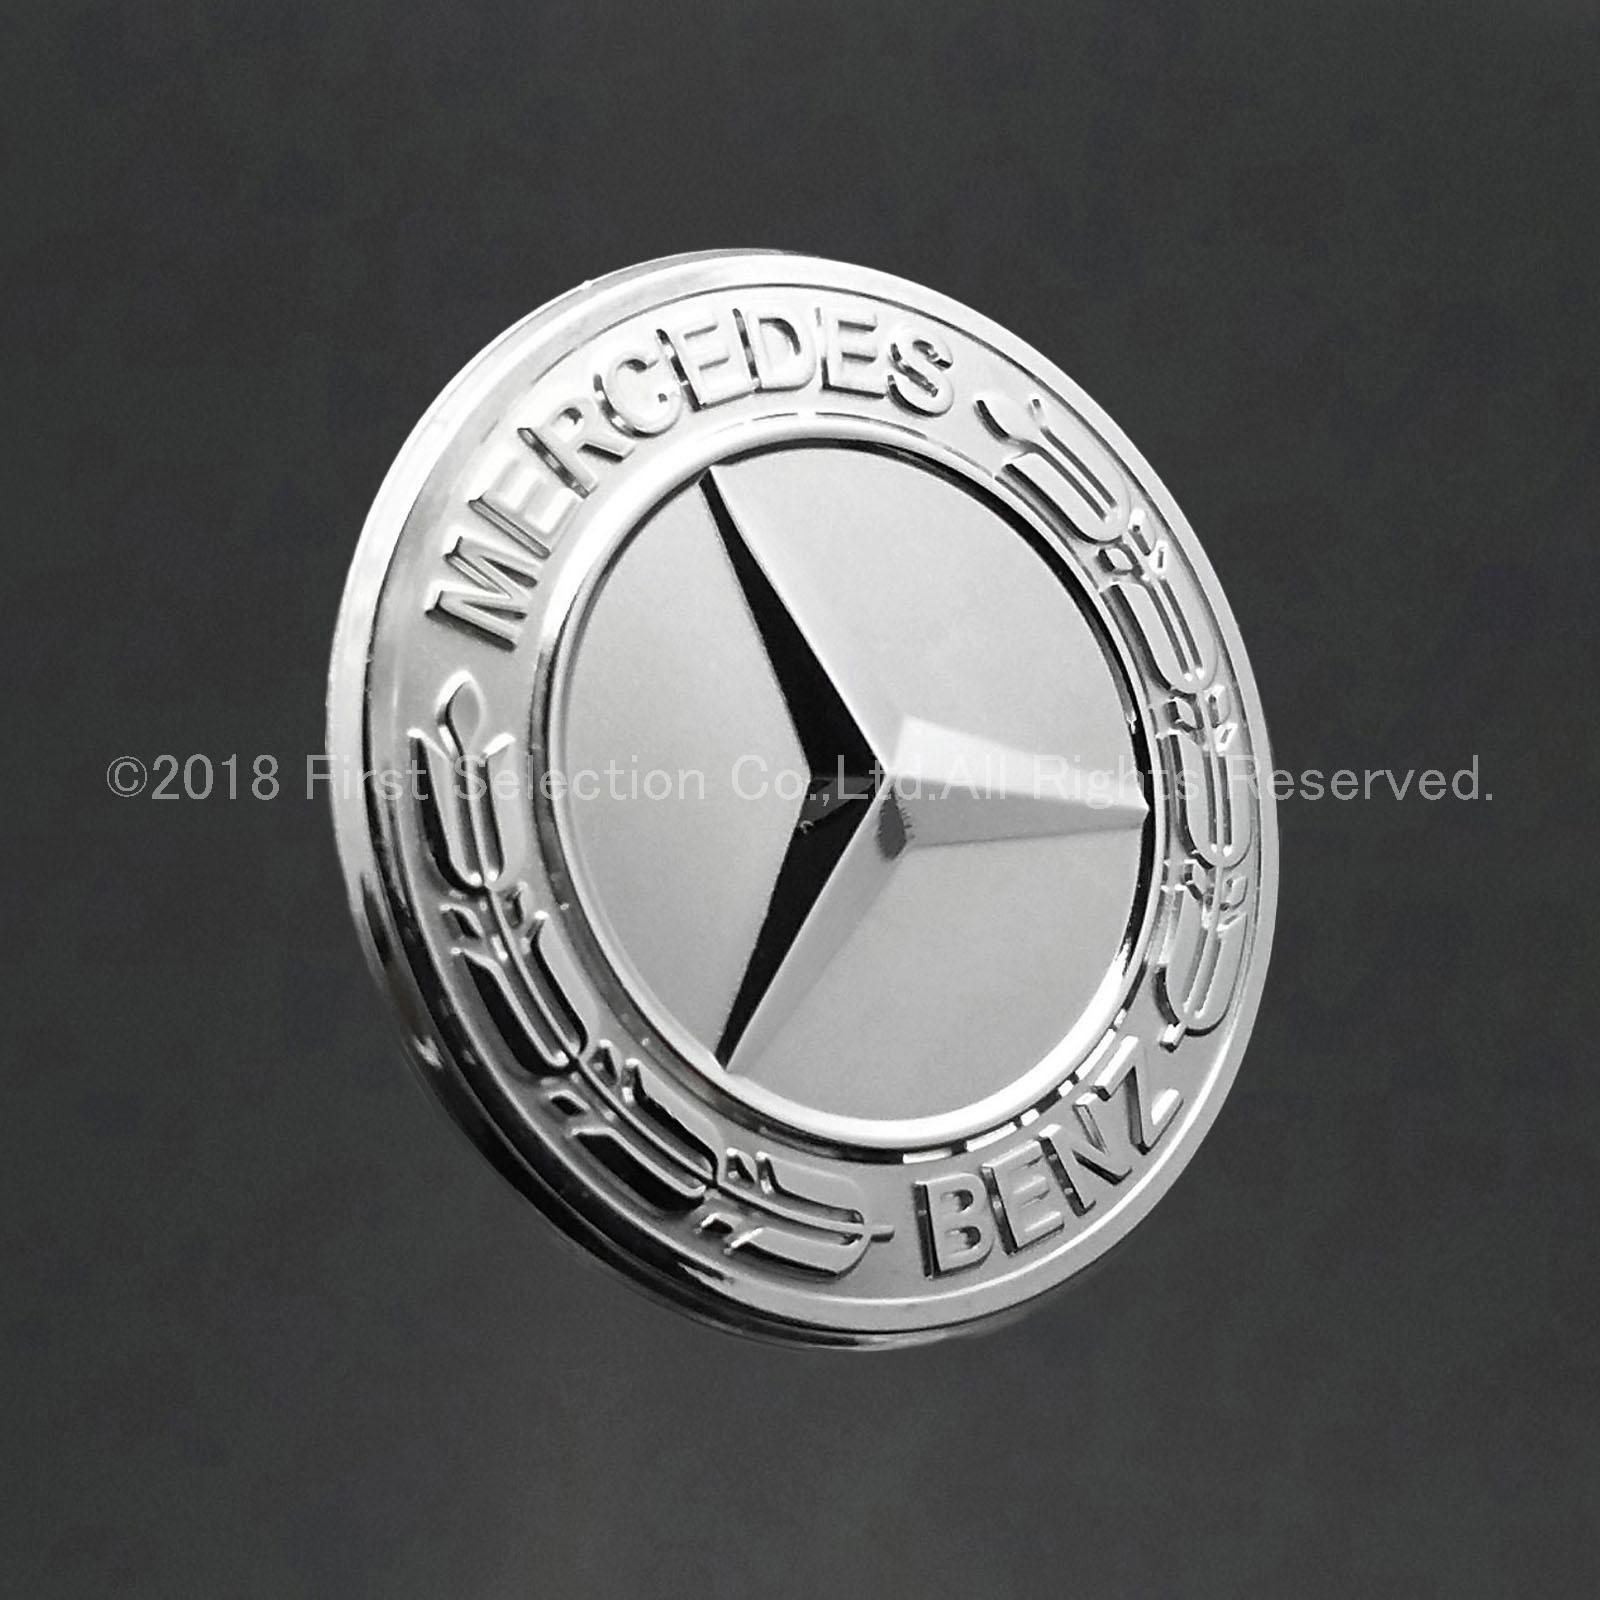 Mercedes-Benz ベンツ用 Benz銀ロゴ 小型ダイヤルプレート W176 W246 W204 W212 W166 C117 C218 X156 X166 X204 R172